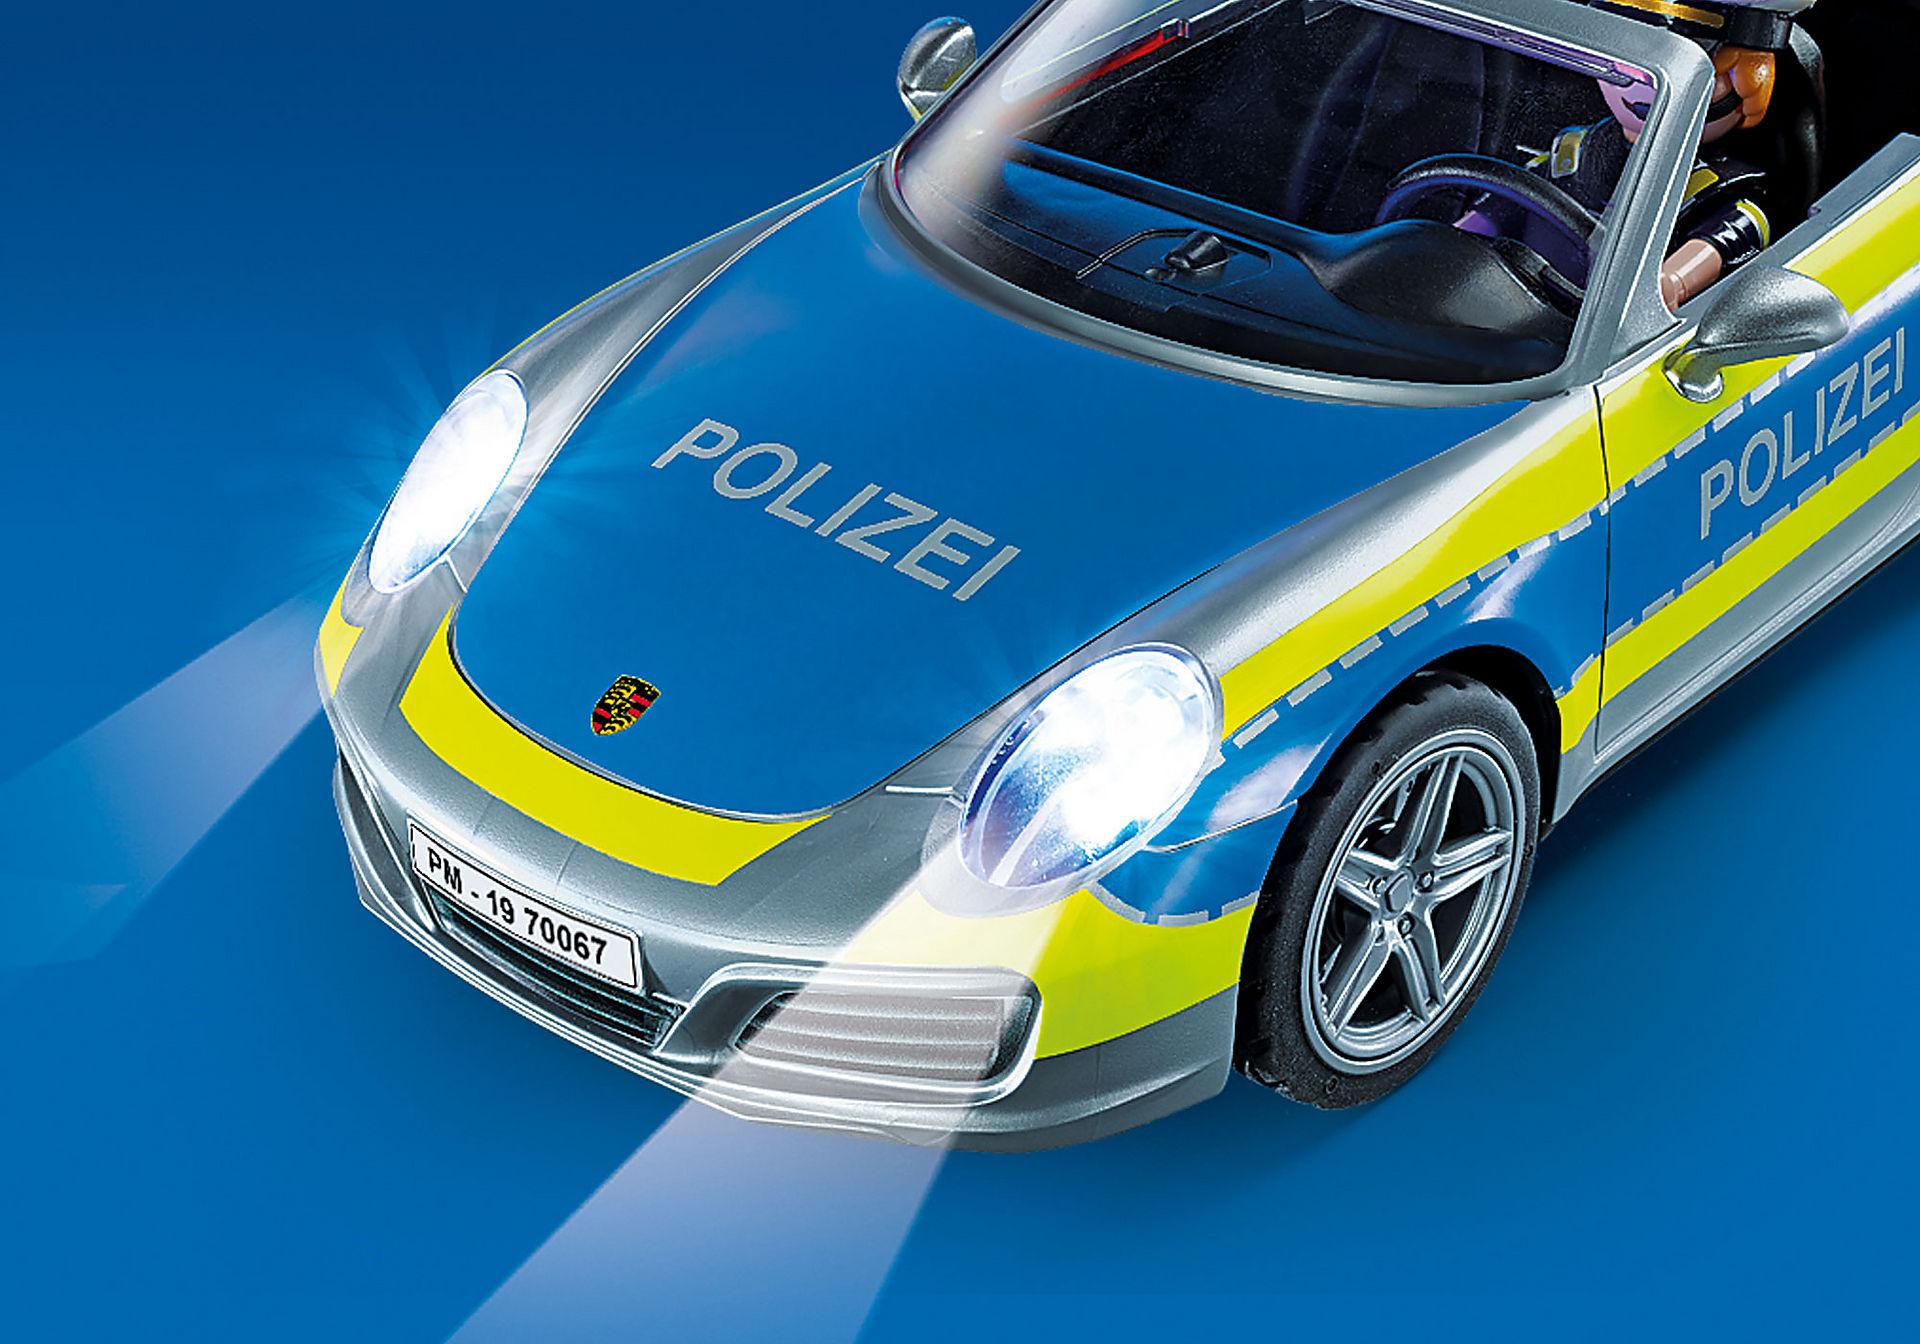 http://media.playmobil.com/i/playmobil/70067_product_extra2/Porsche 911 Carrera 4S Polizei